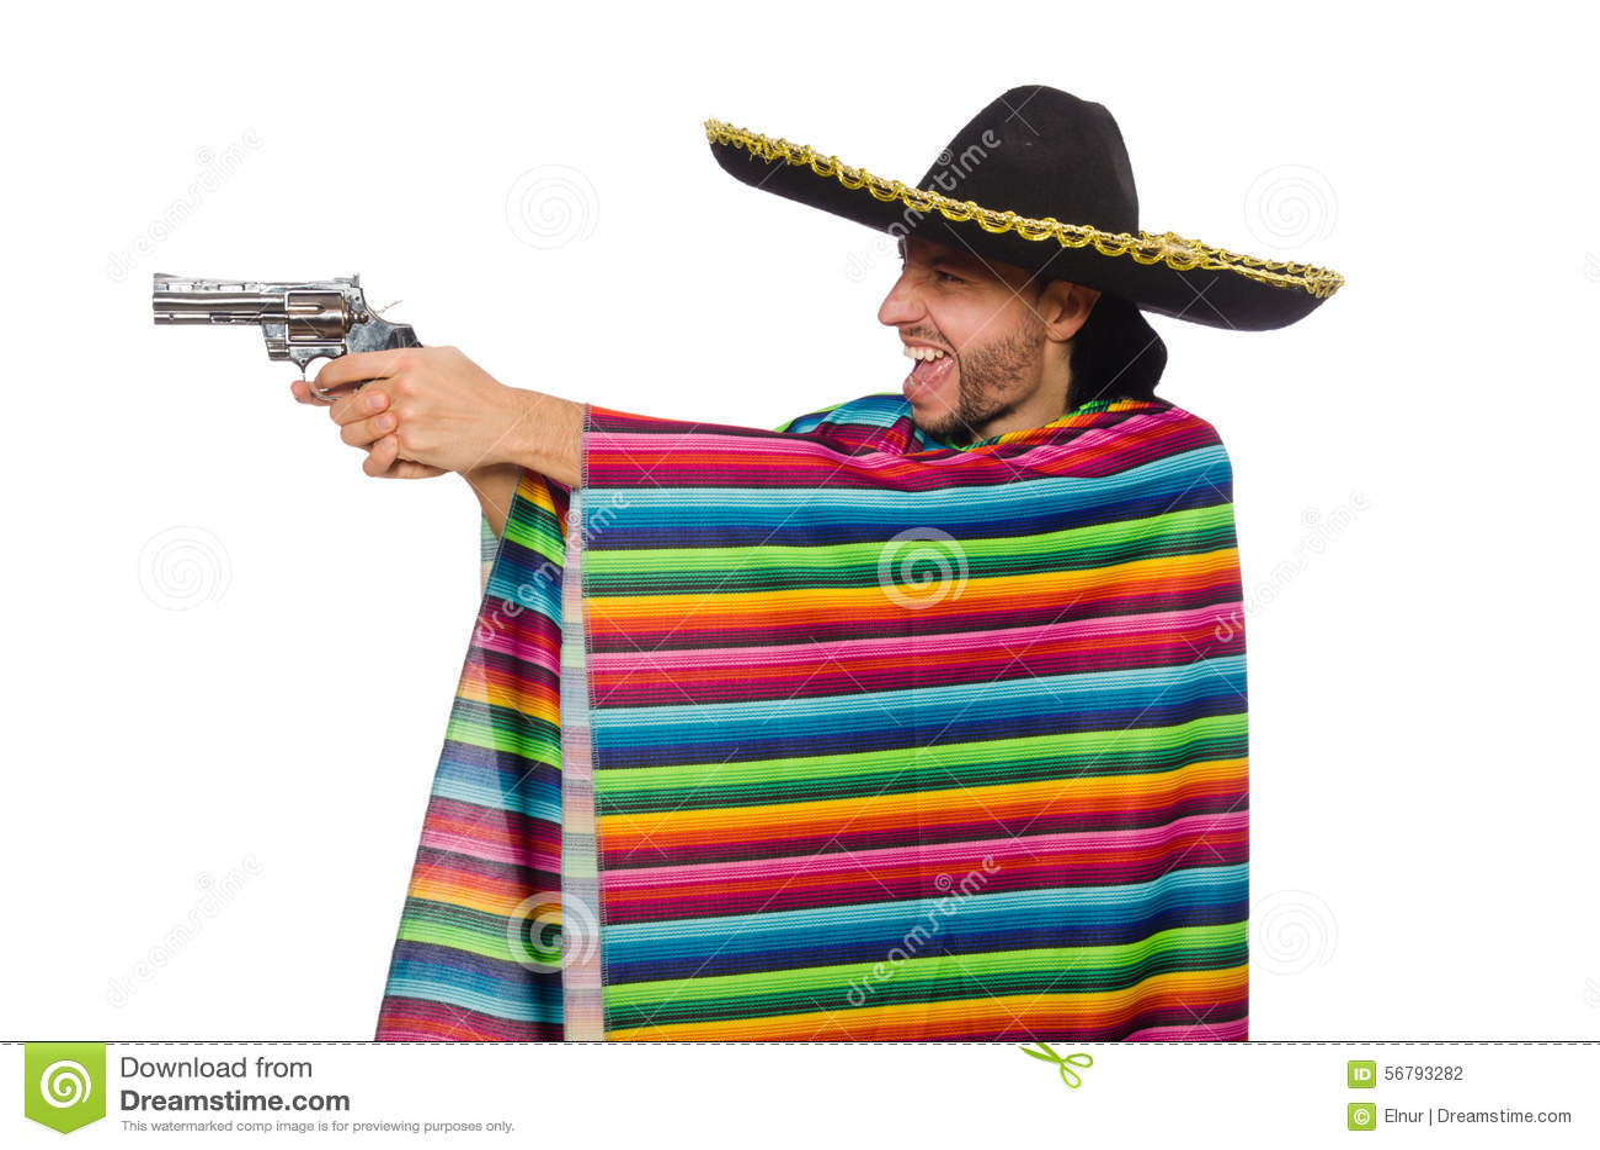 And Poncho Sombrero Cartoon